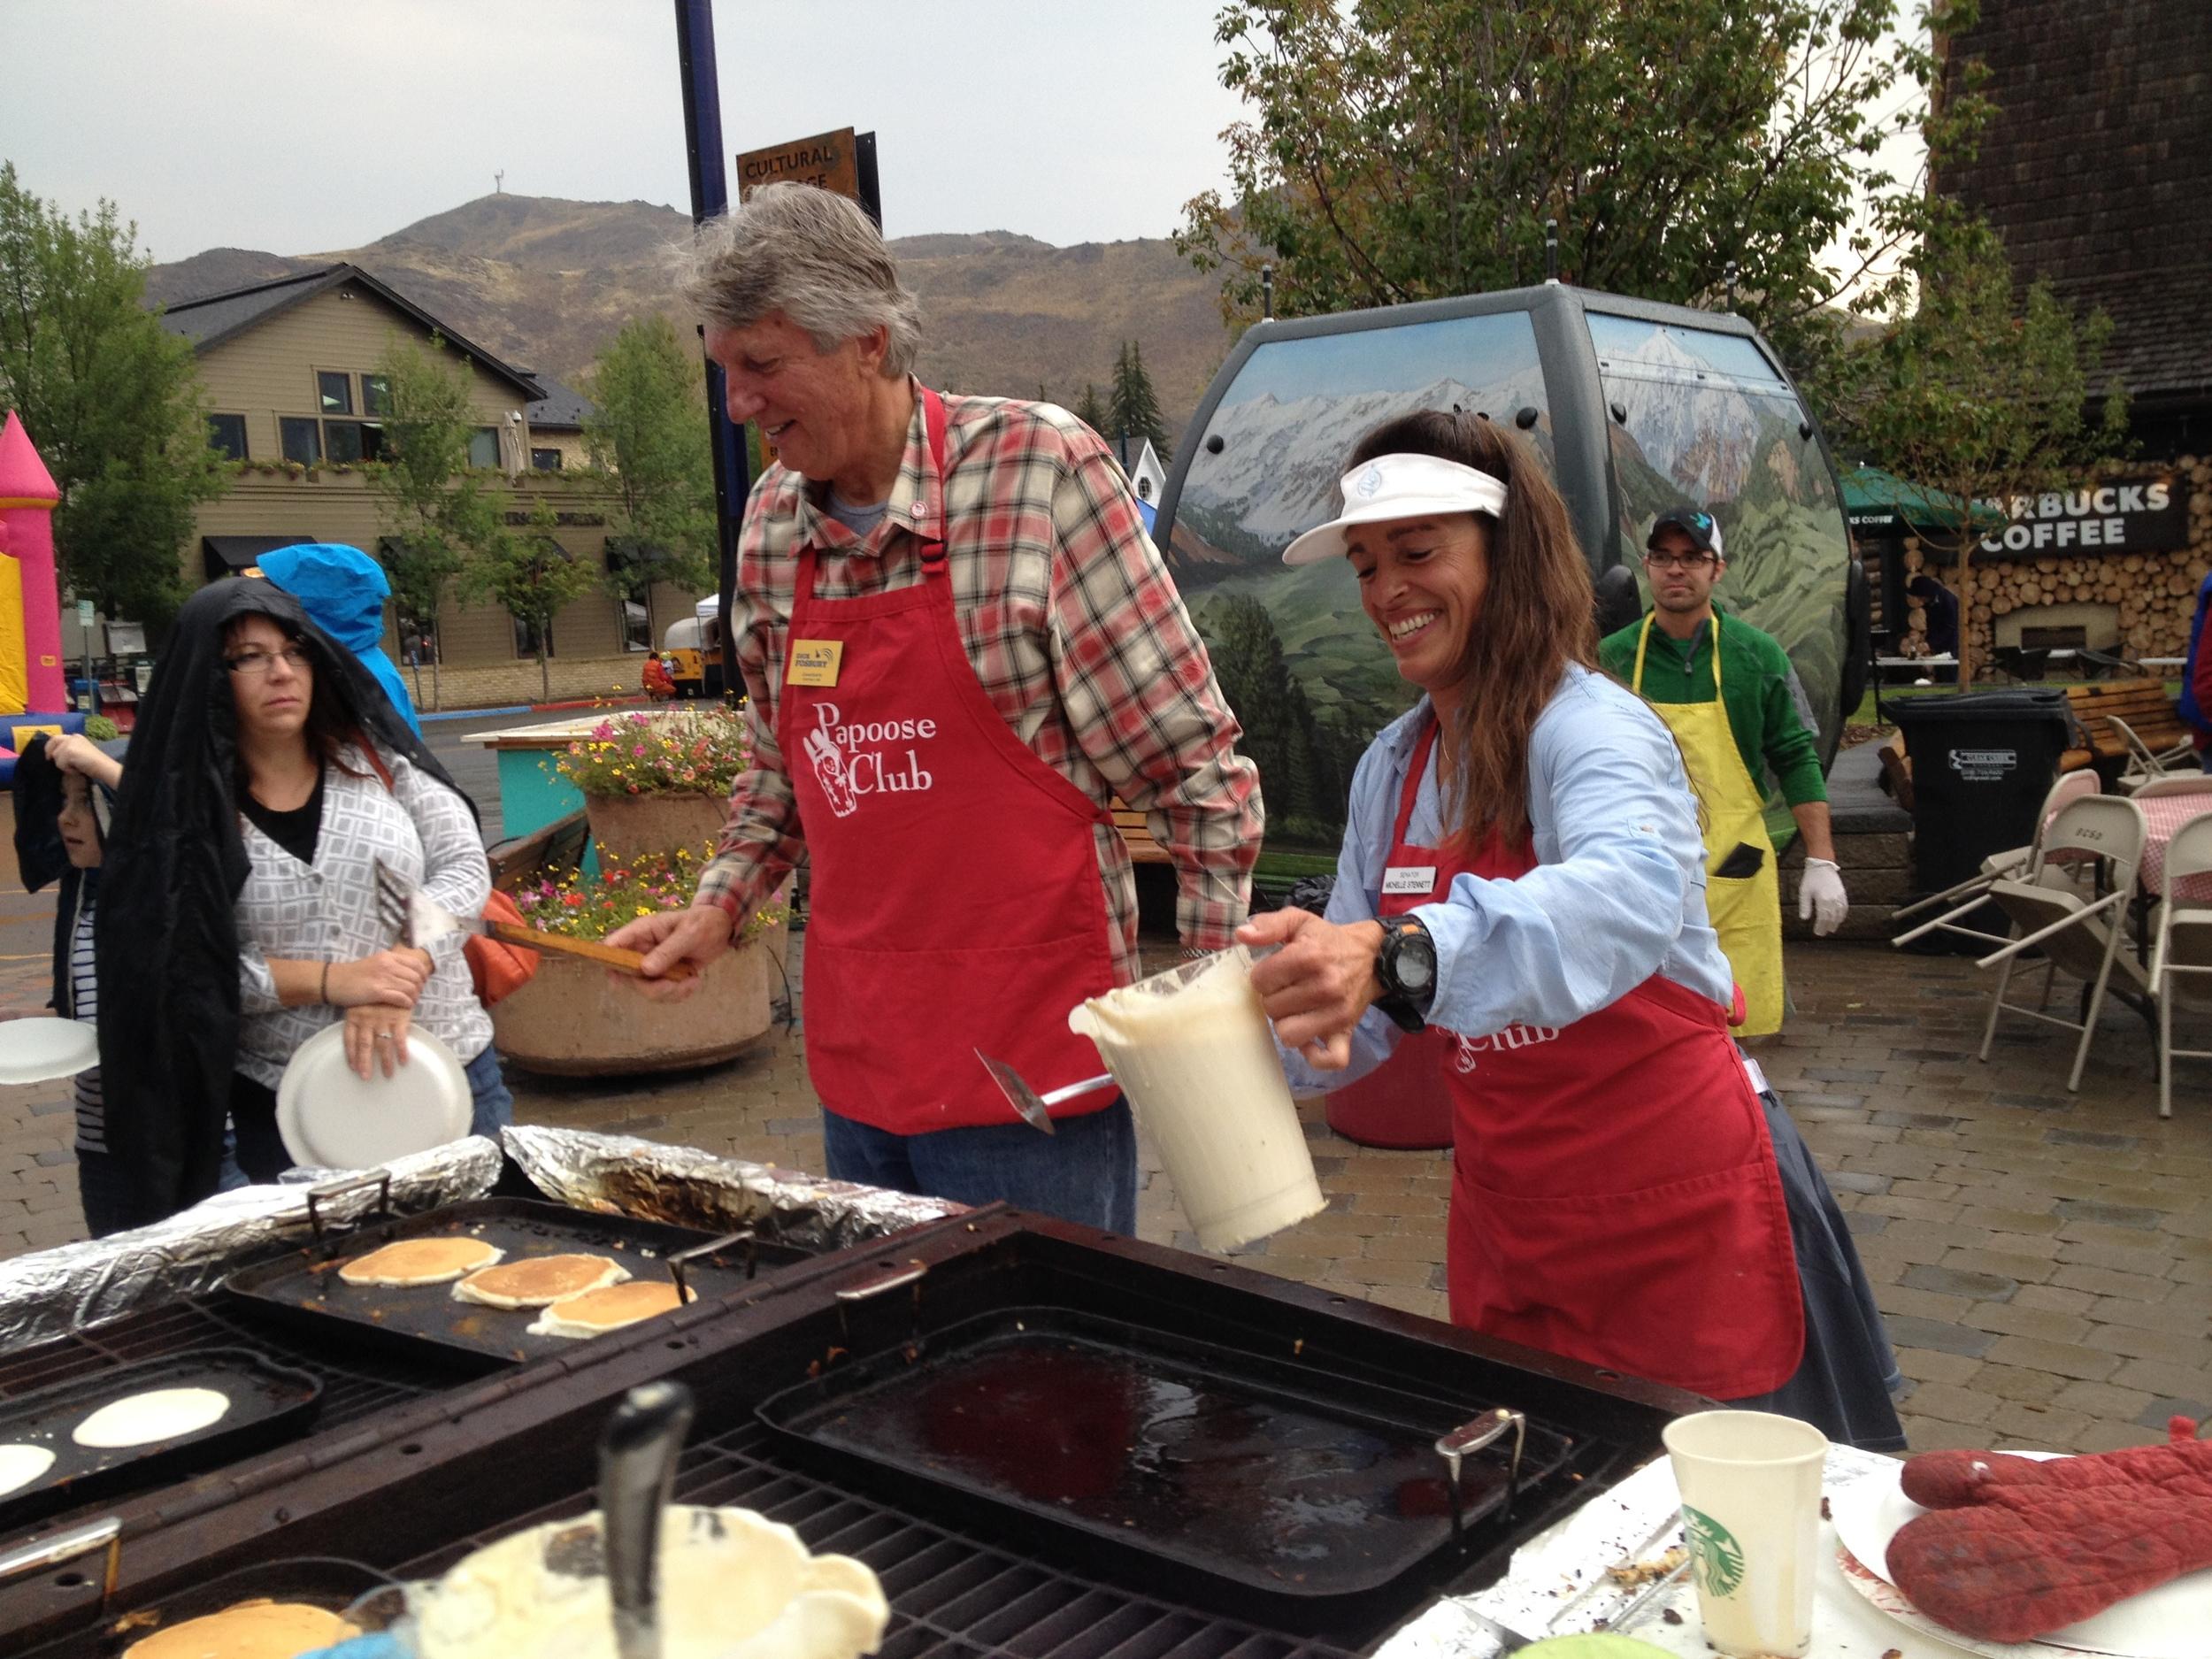 Serving pancake, Papoose Club Wagon Days pancake breakfast